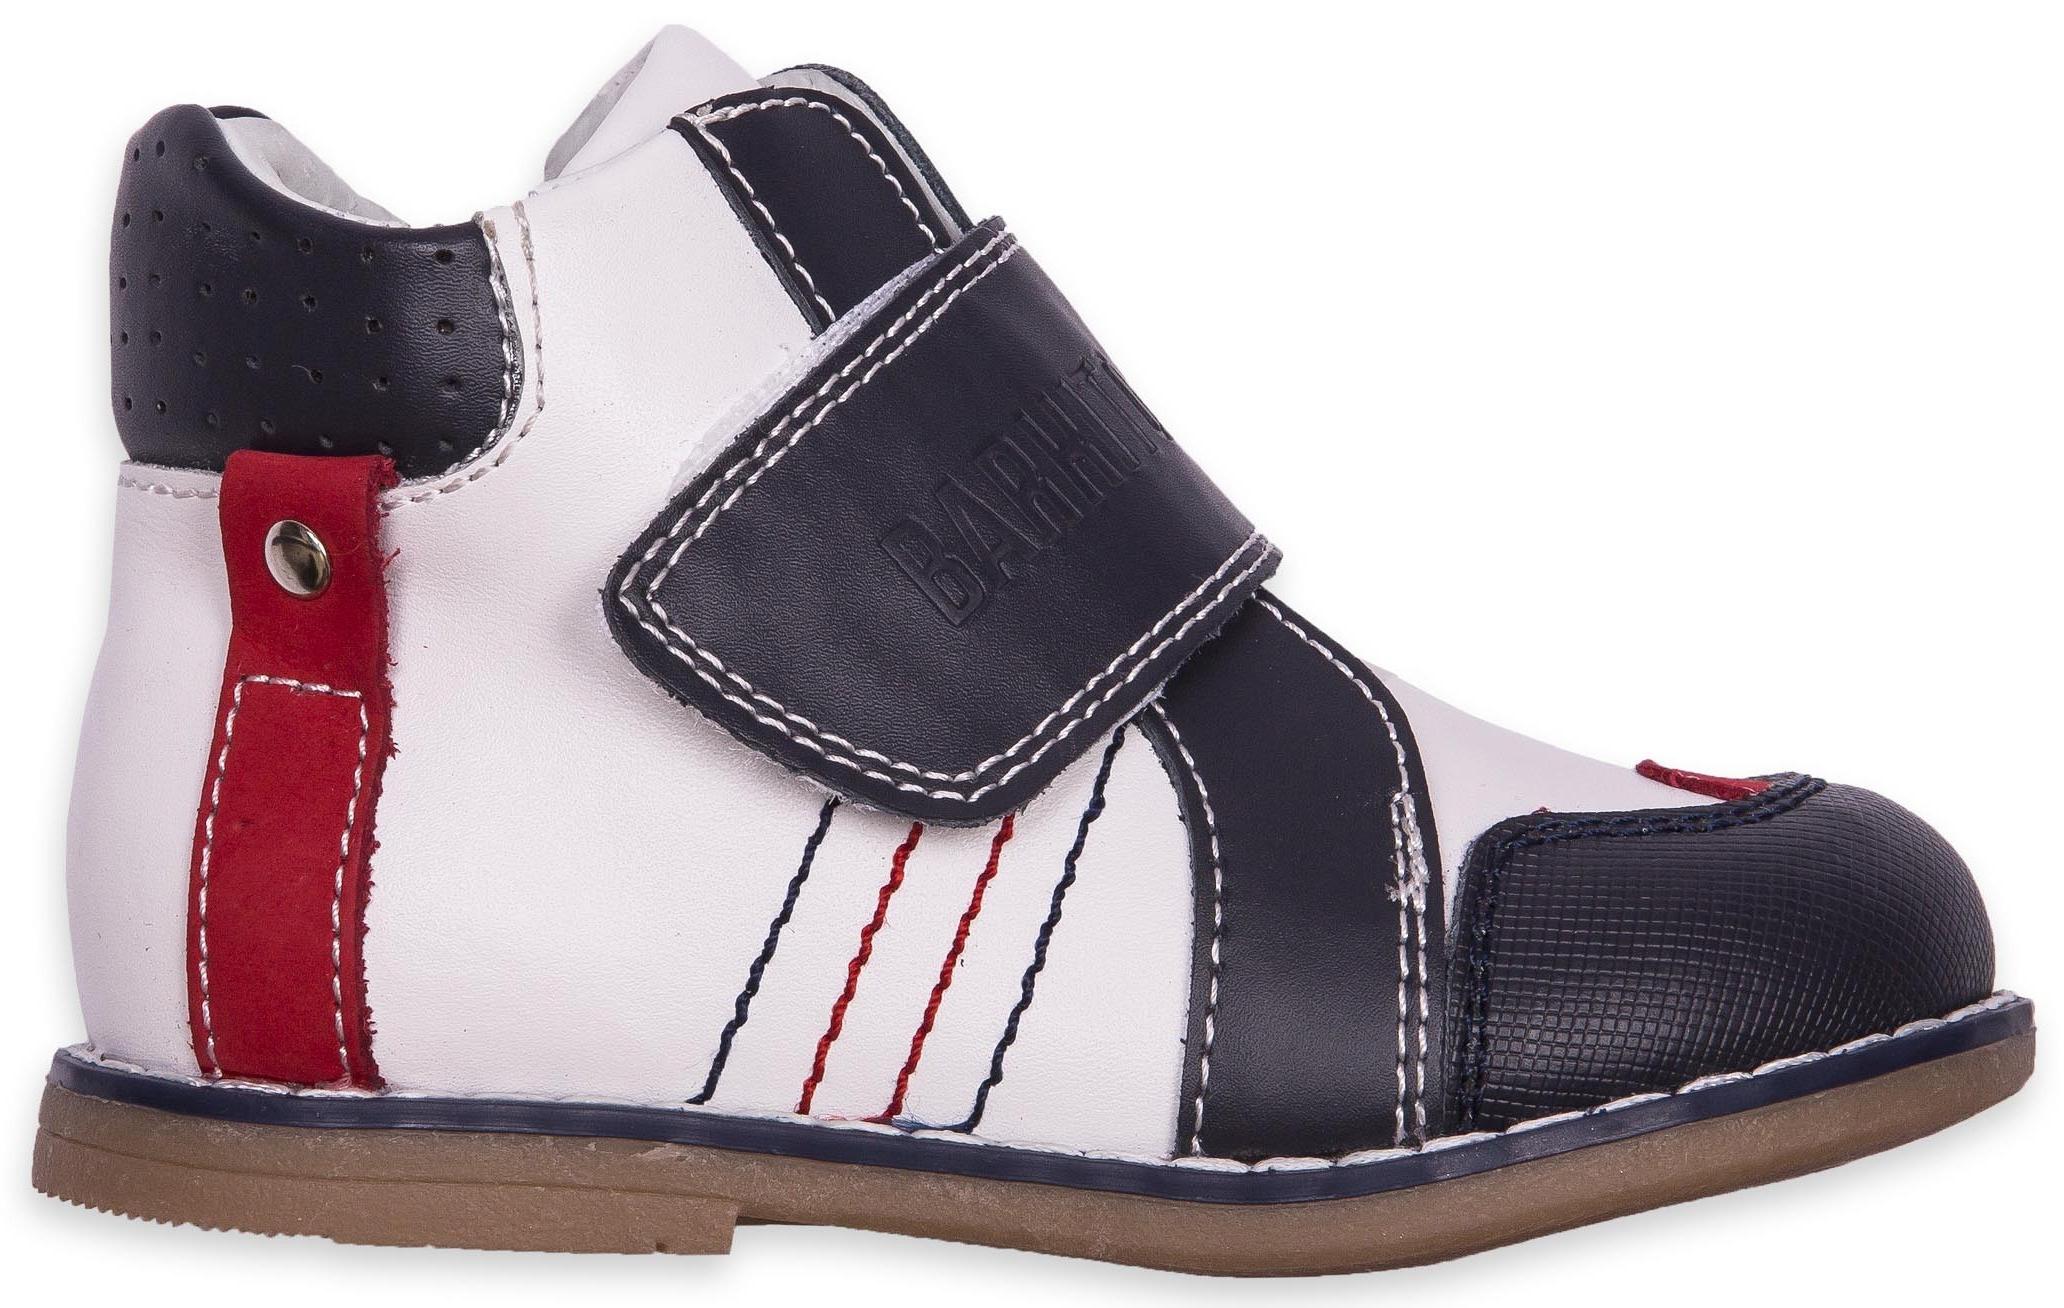 Купить Ботинки и полуботинки, Ботинки для мальчика Barkito, бело-синие, Китай, Бело-синие, Мужской